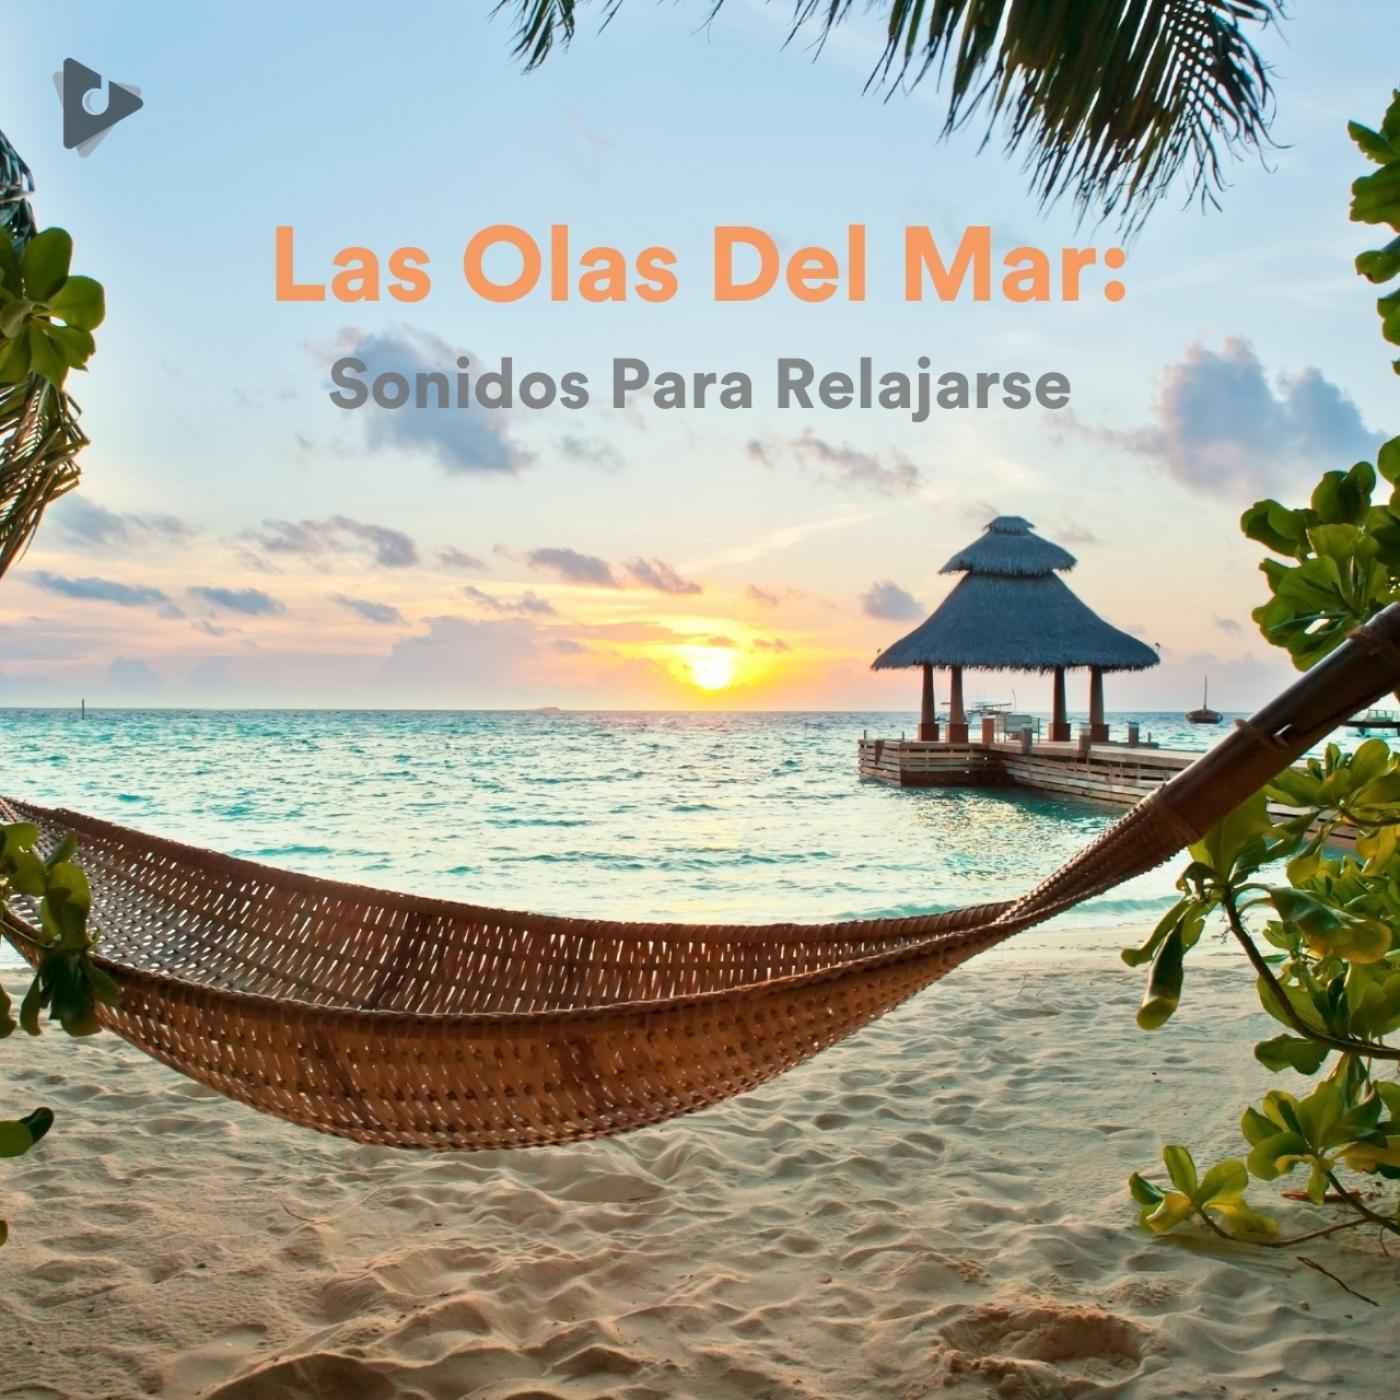 Las Olas Del Mar: Sonidos Para Relajarse